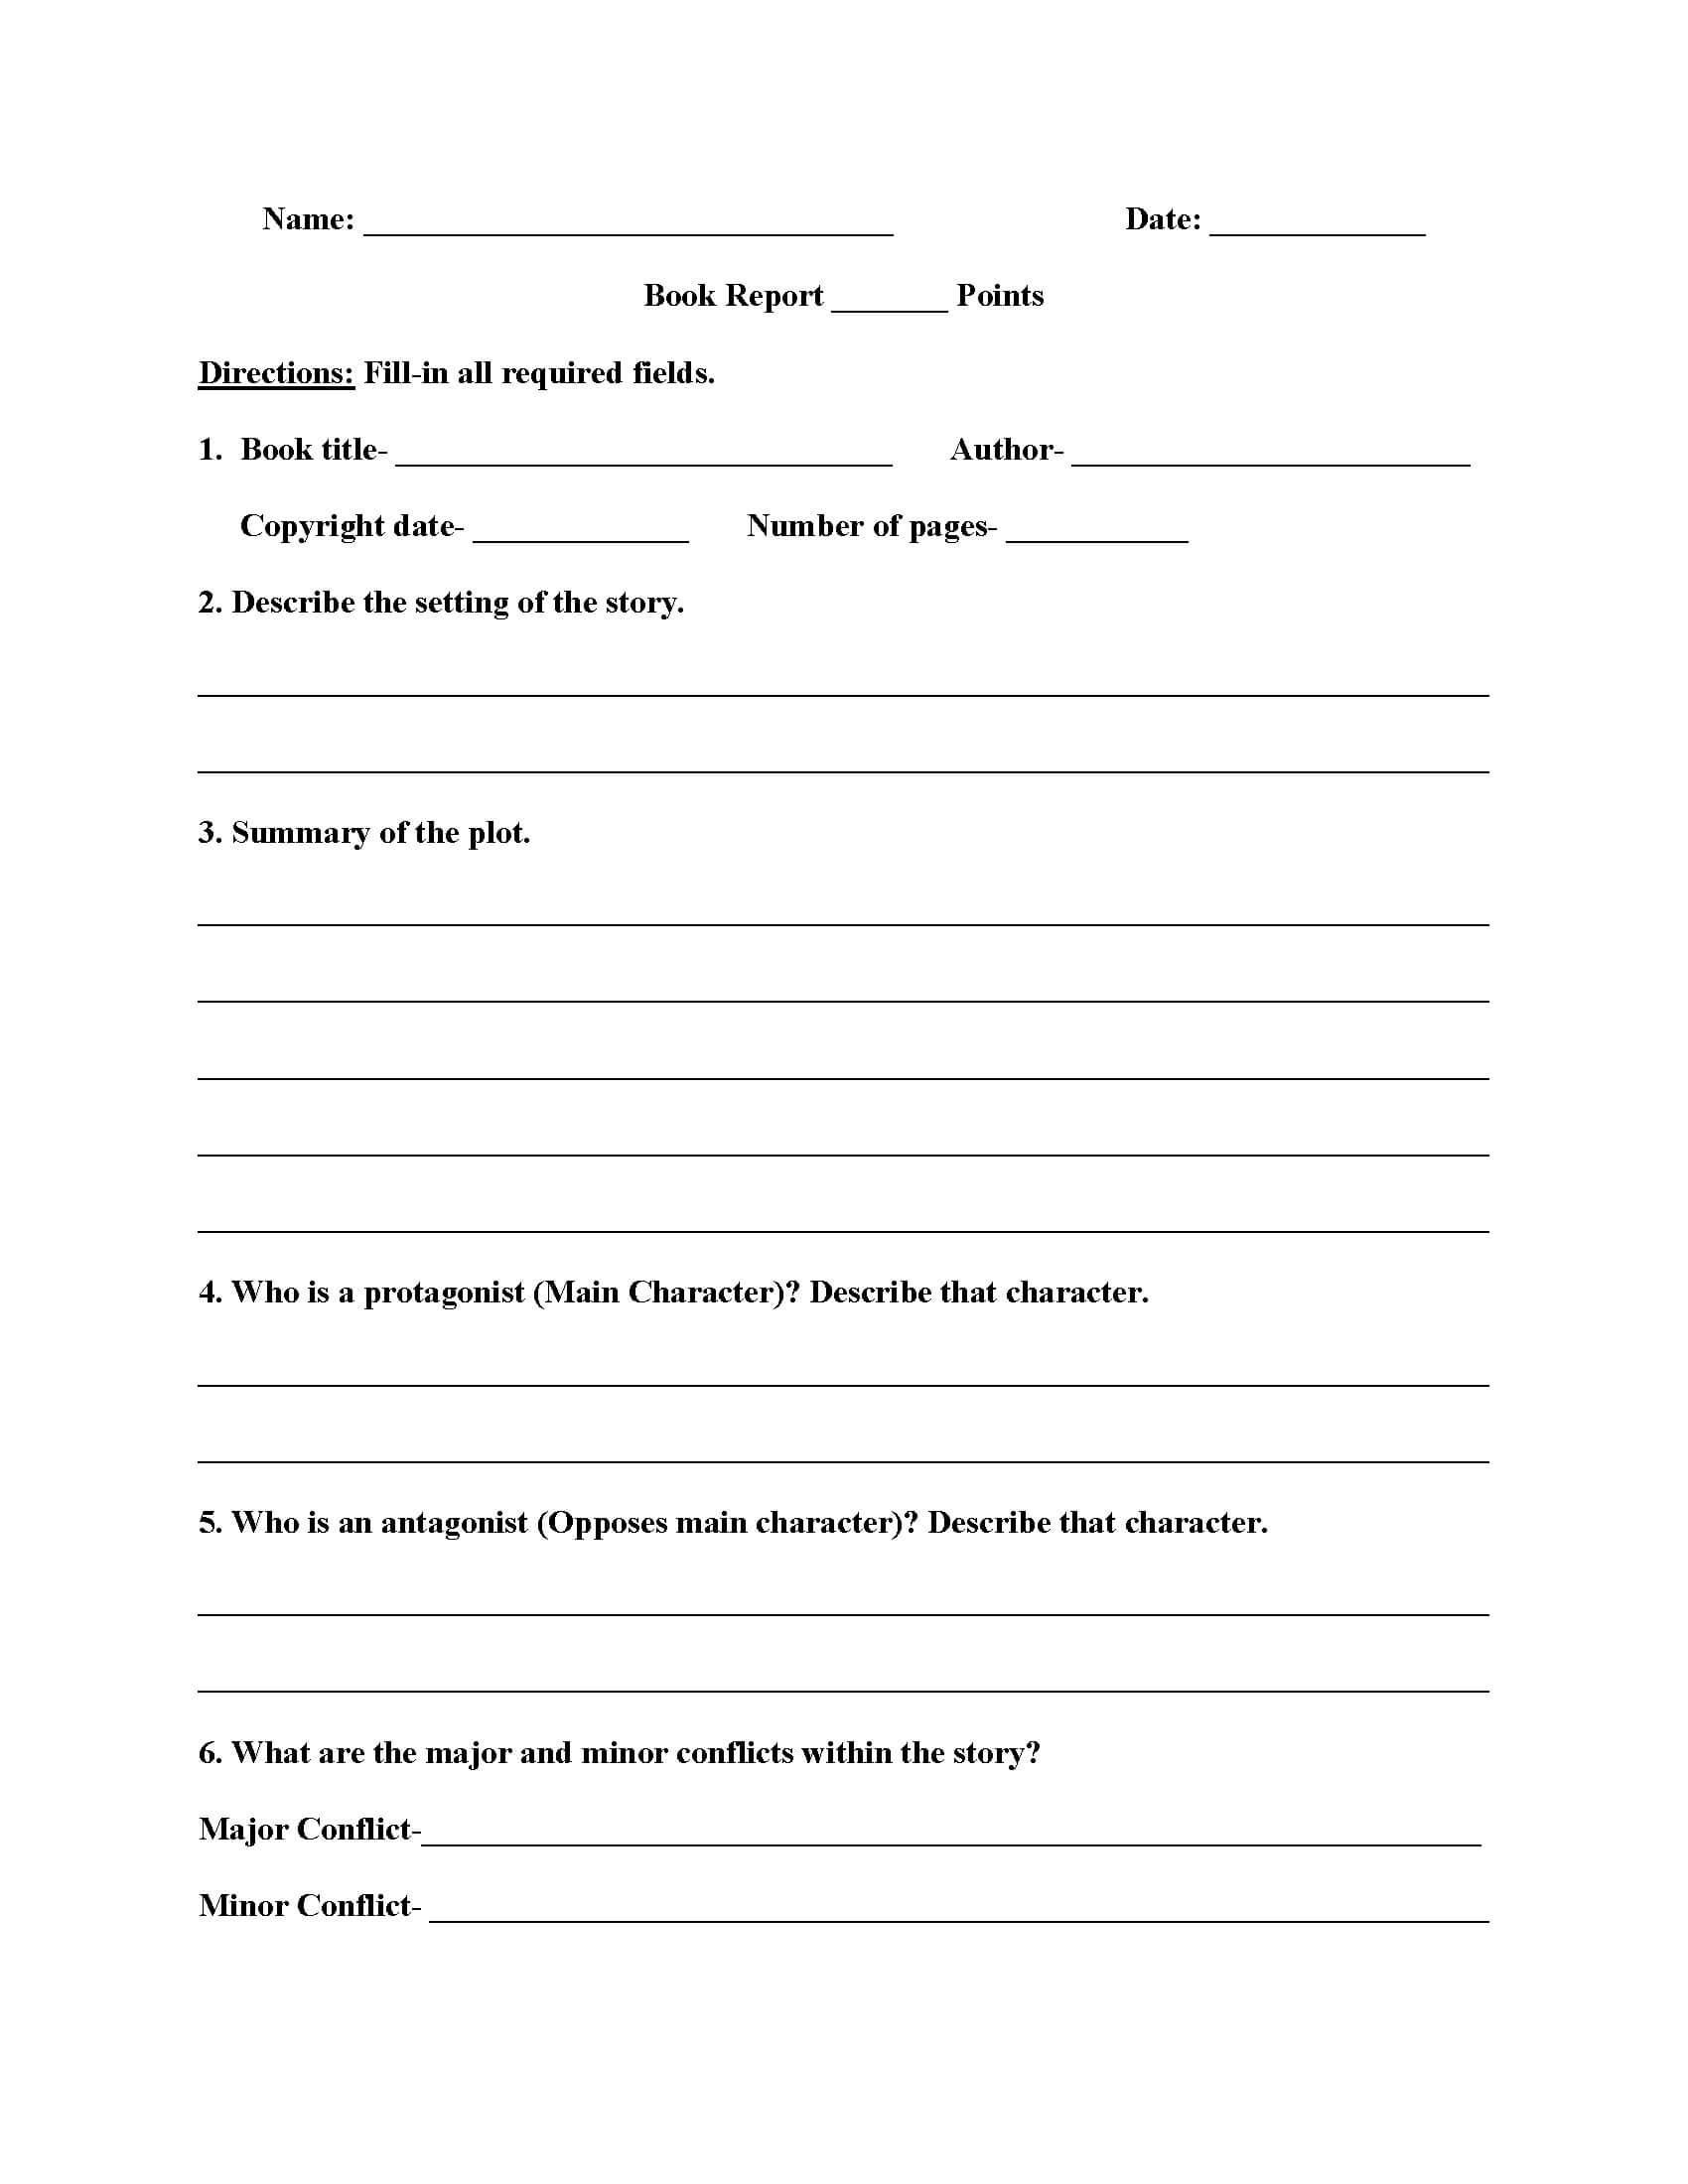 High School Book Report Worksheets | High School Books With High School Book Report Template